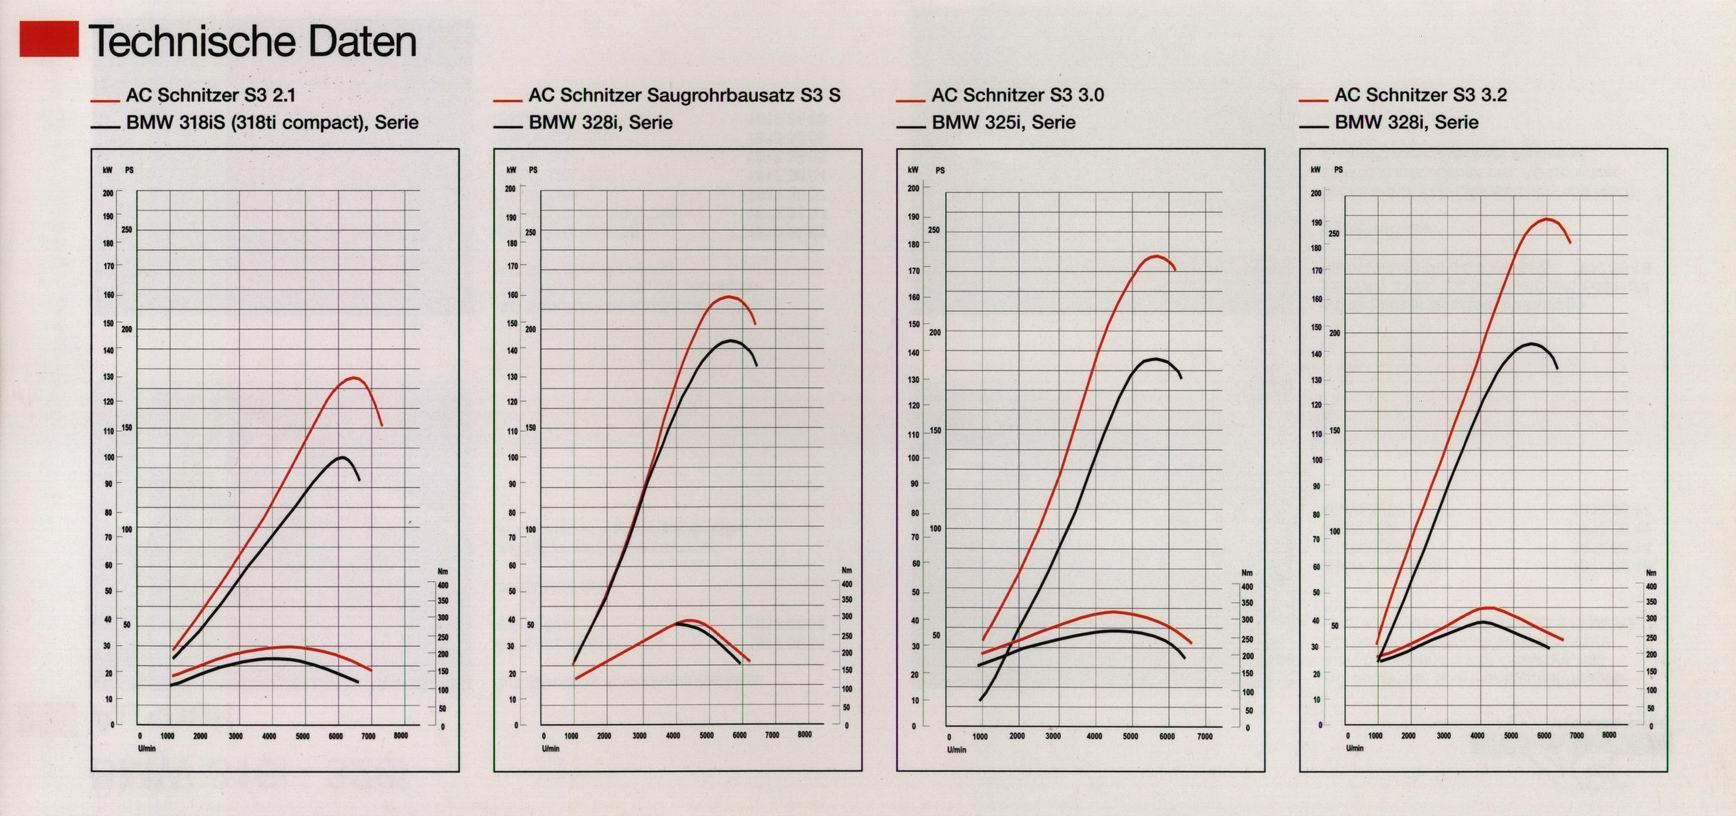 Gemütlich Wechselstrom Motordiagramm Fotos - Verdrahtungsideen ...